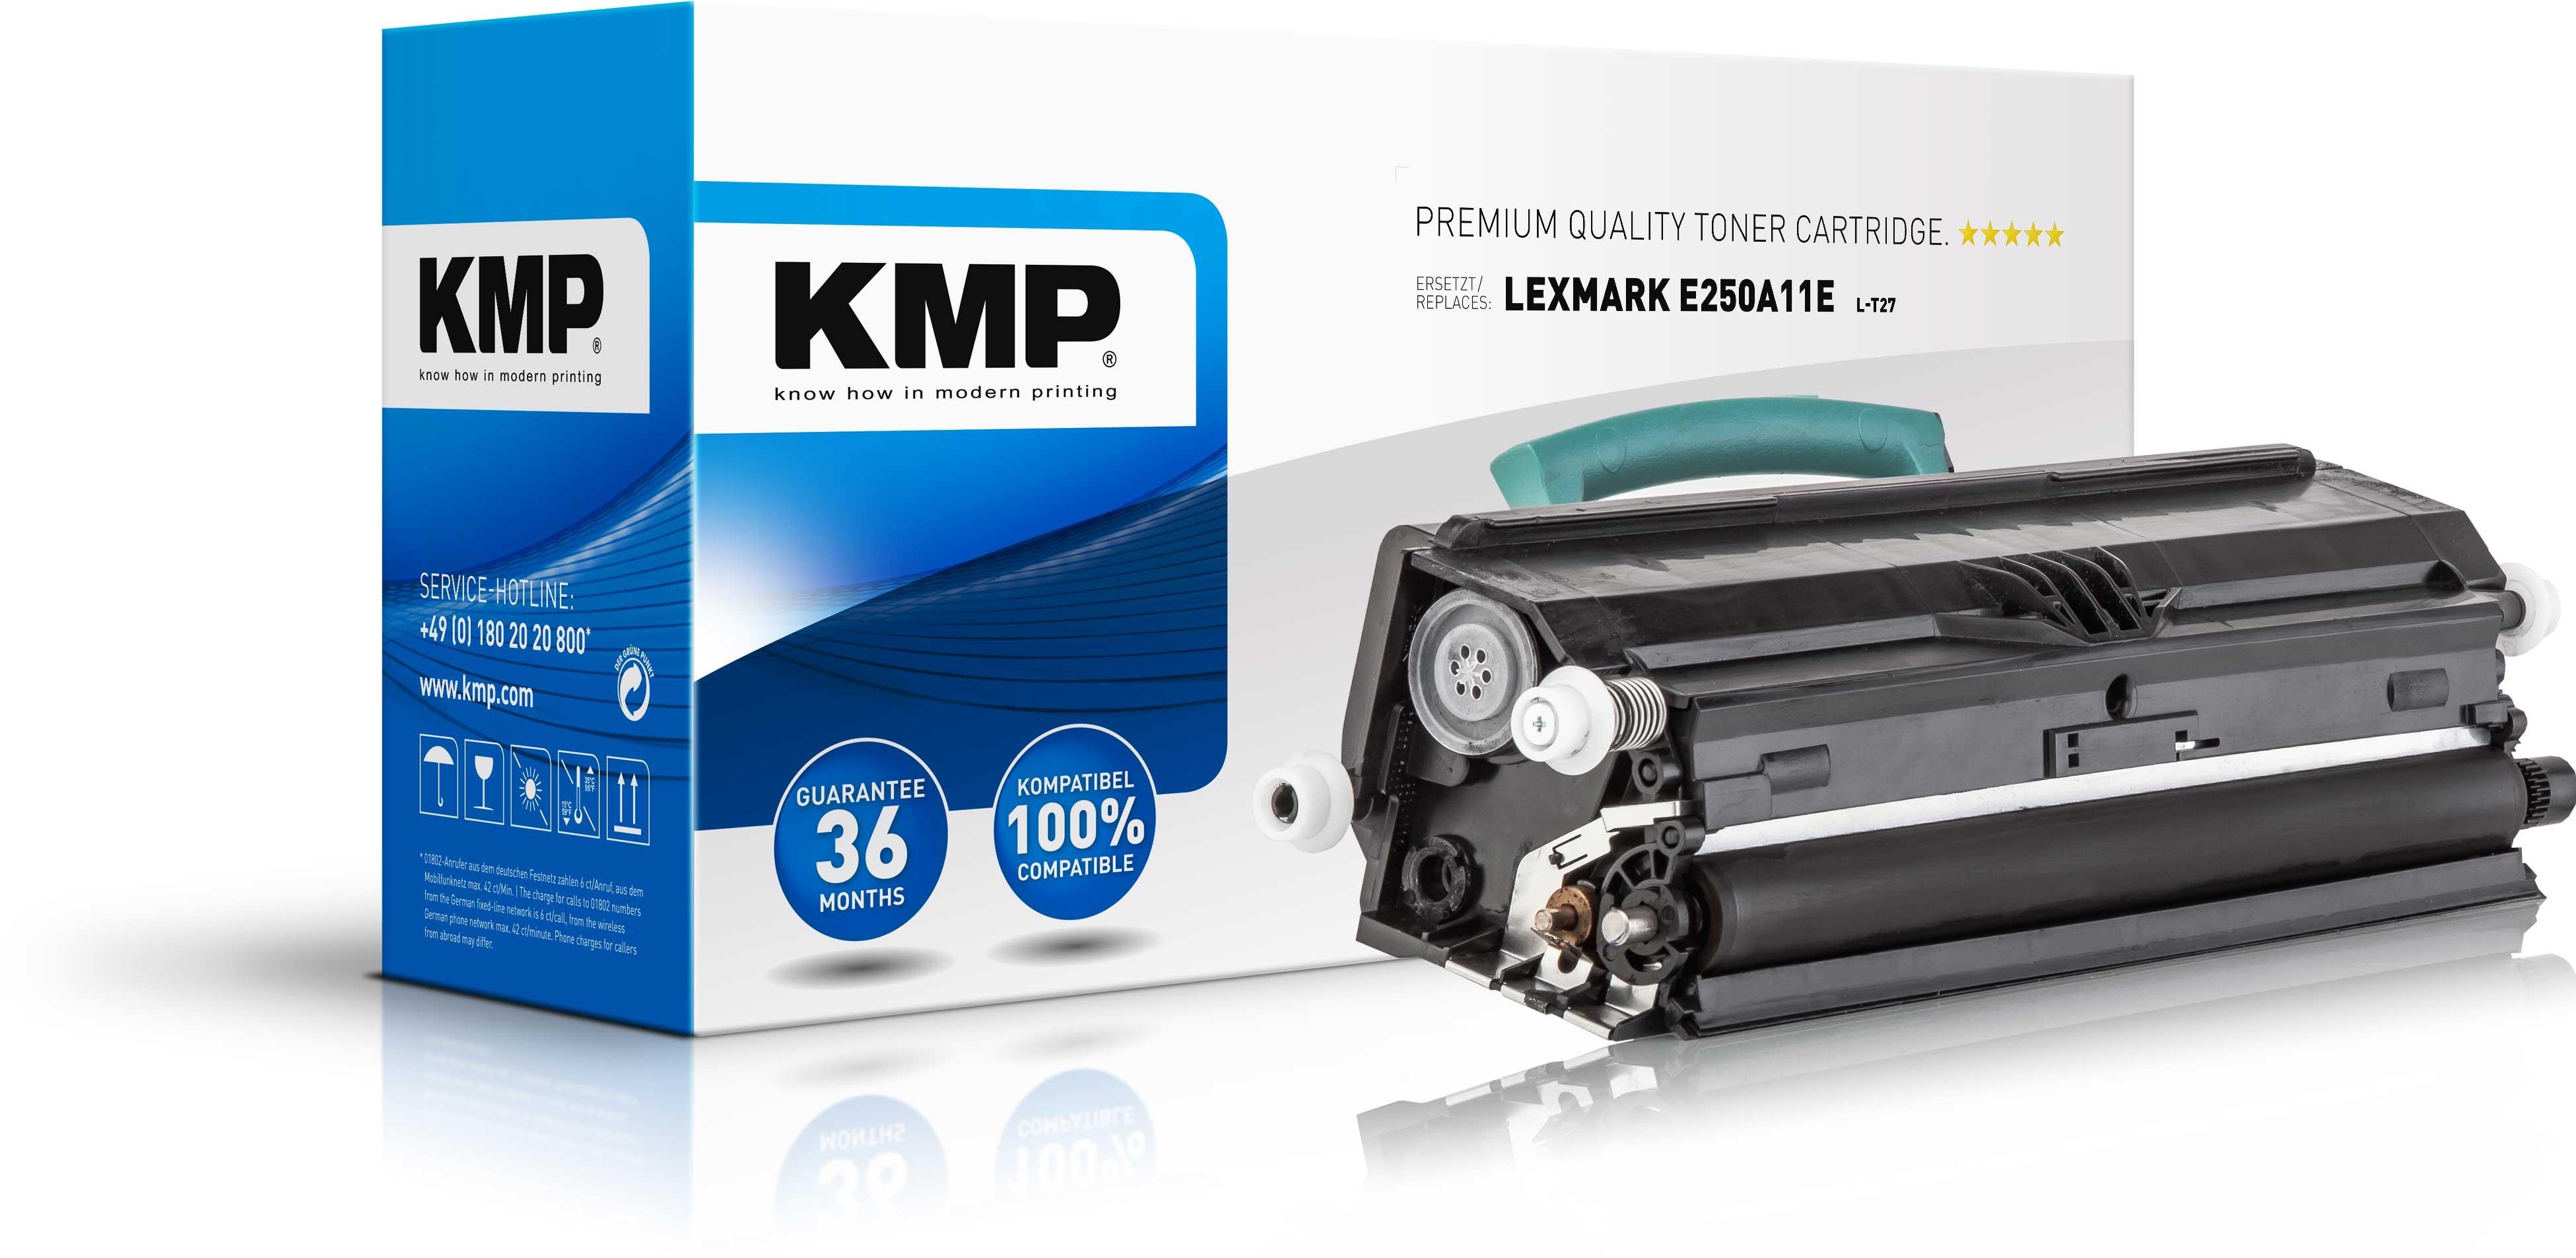 KMP Lexmark Toner für E250A11E E250 / E350 schwarz L-T27